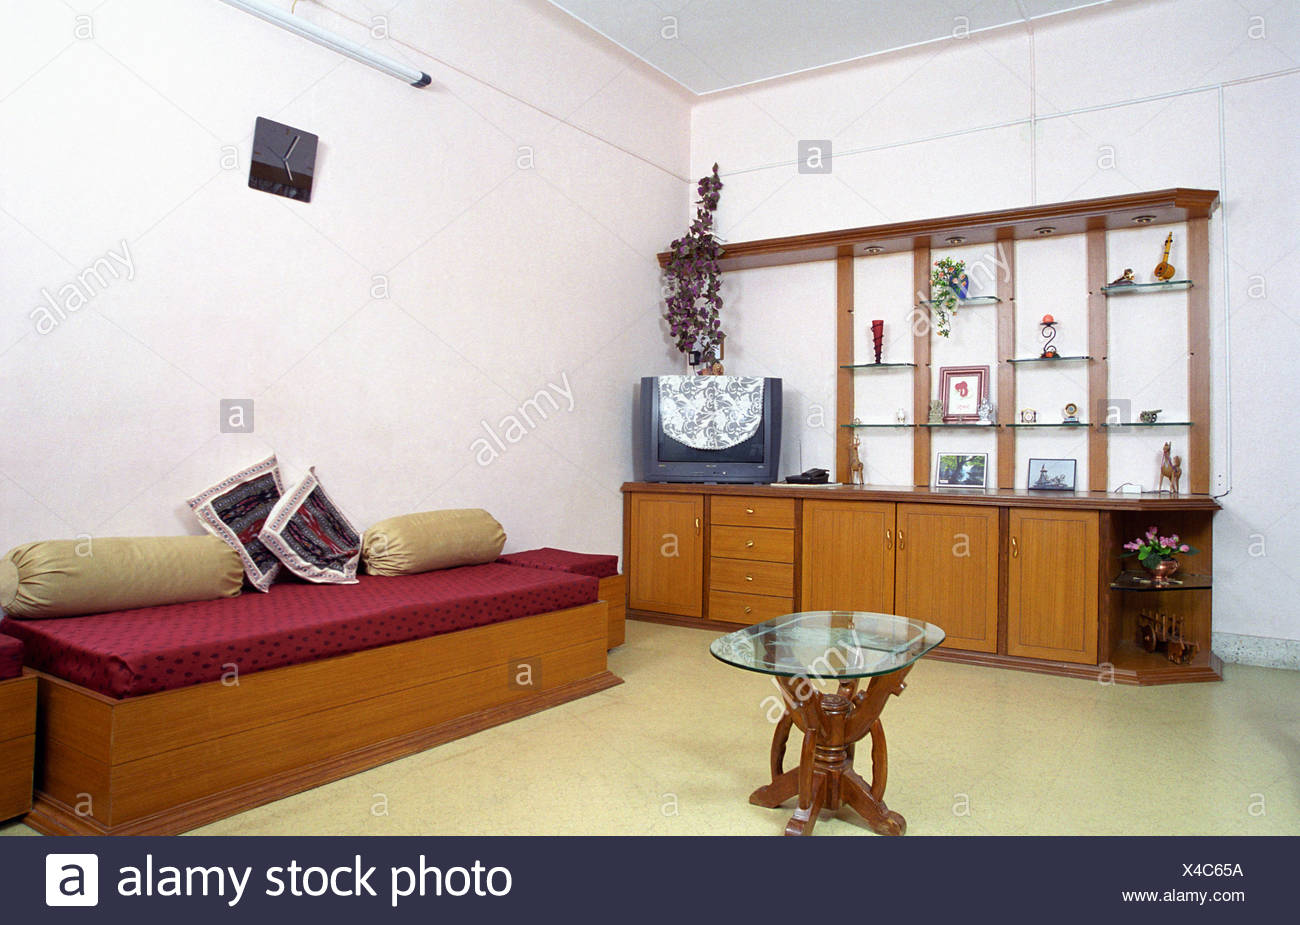 Interni - un soggiorno con la tradizione indiana ...